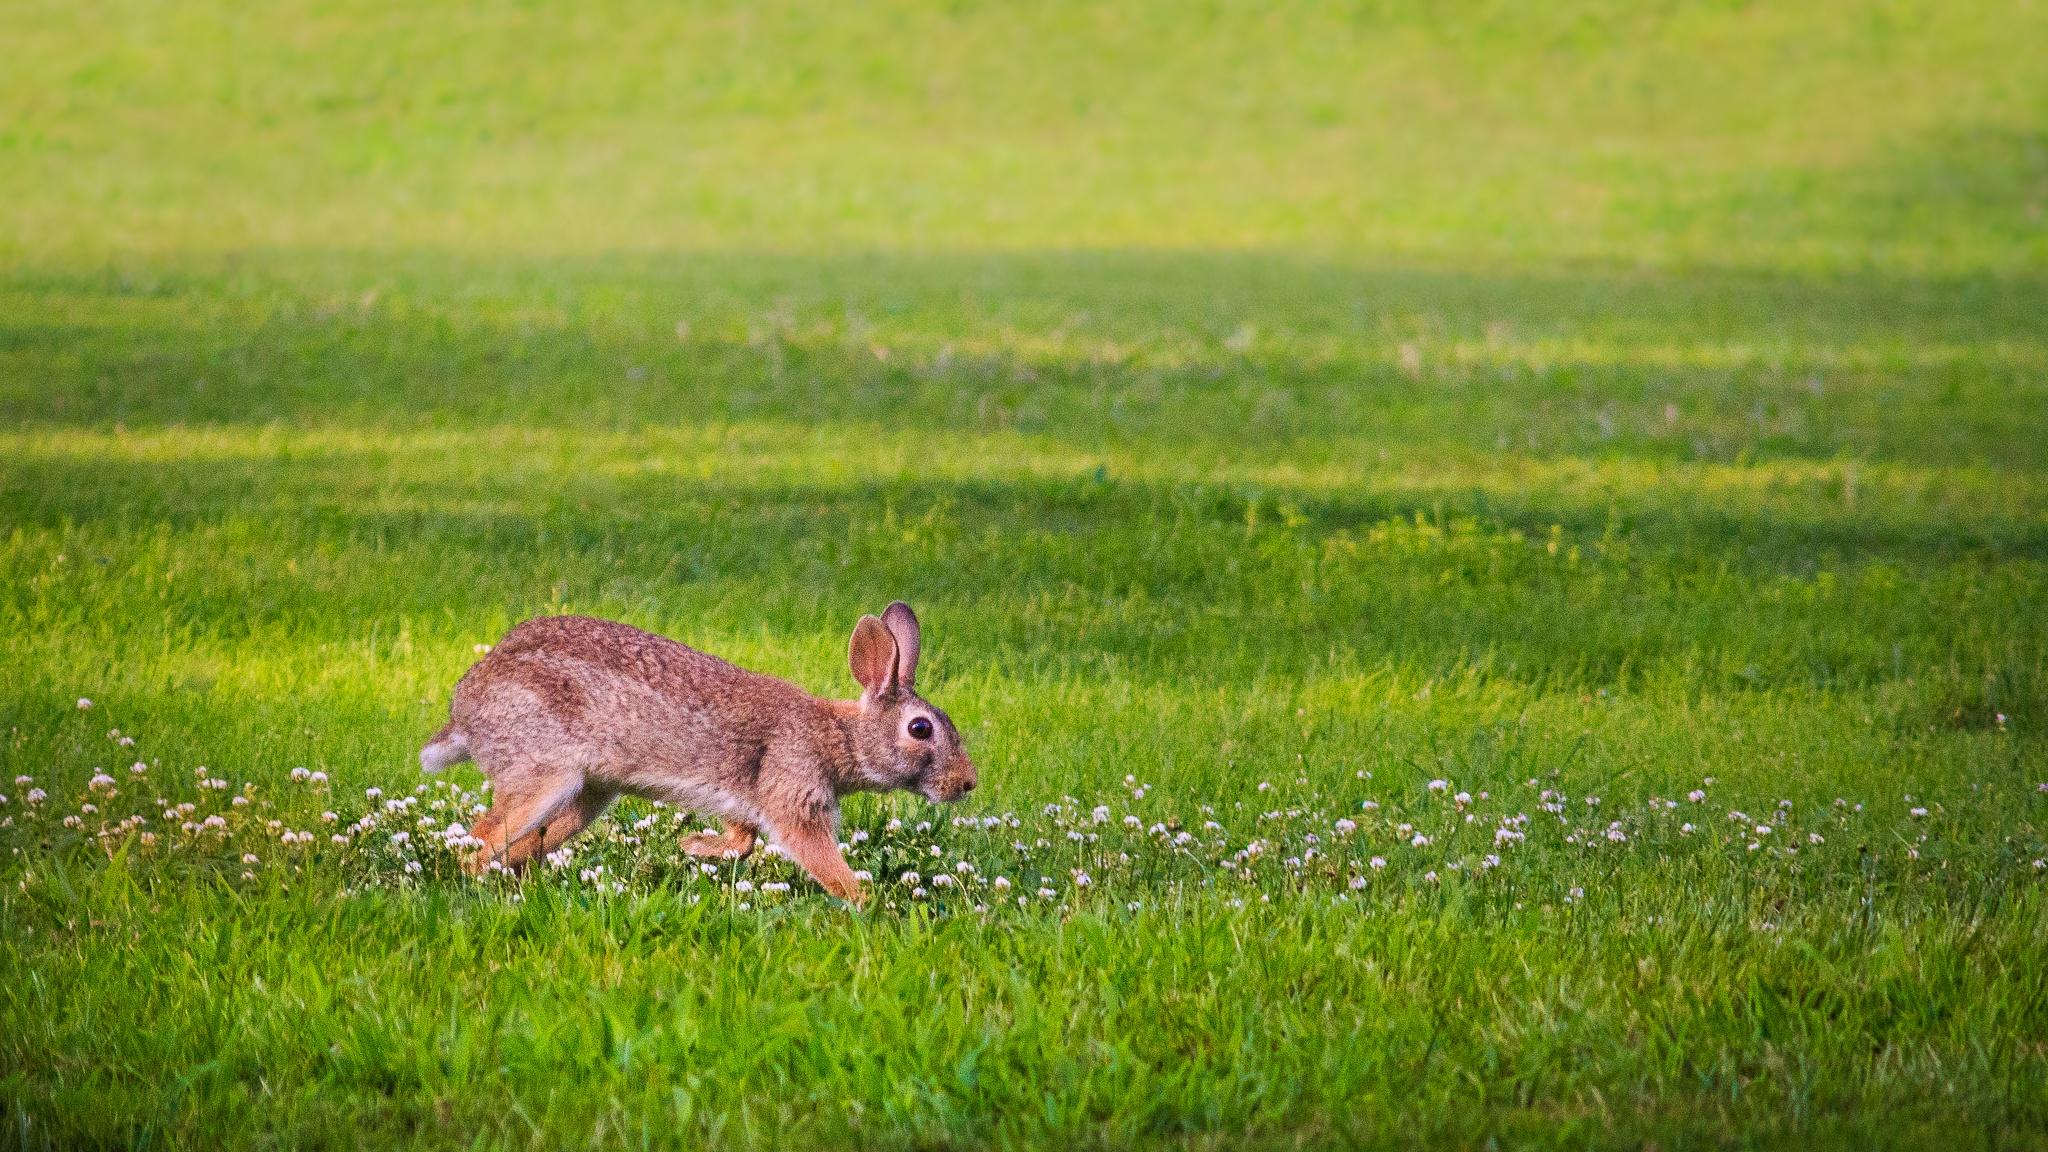 Bunny by Andrea Martinez